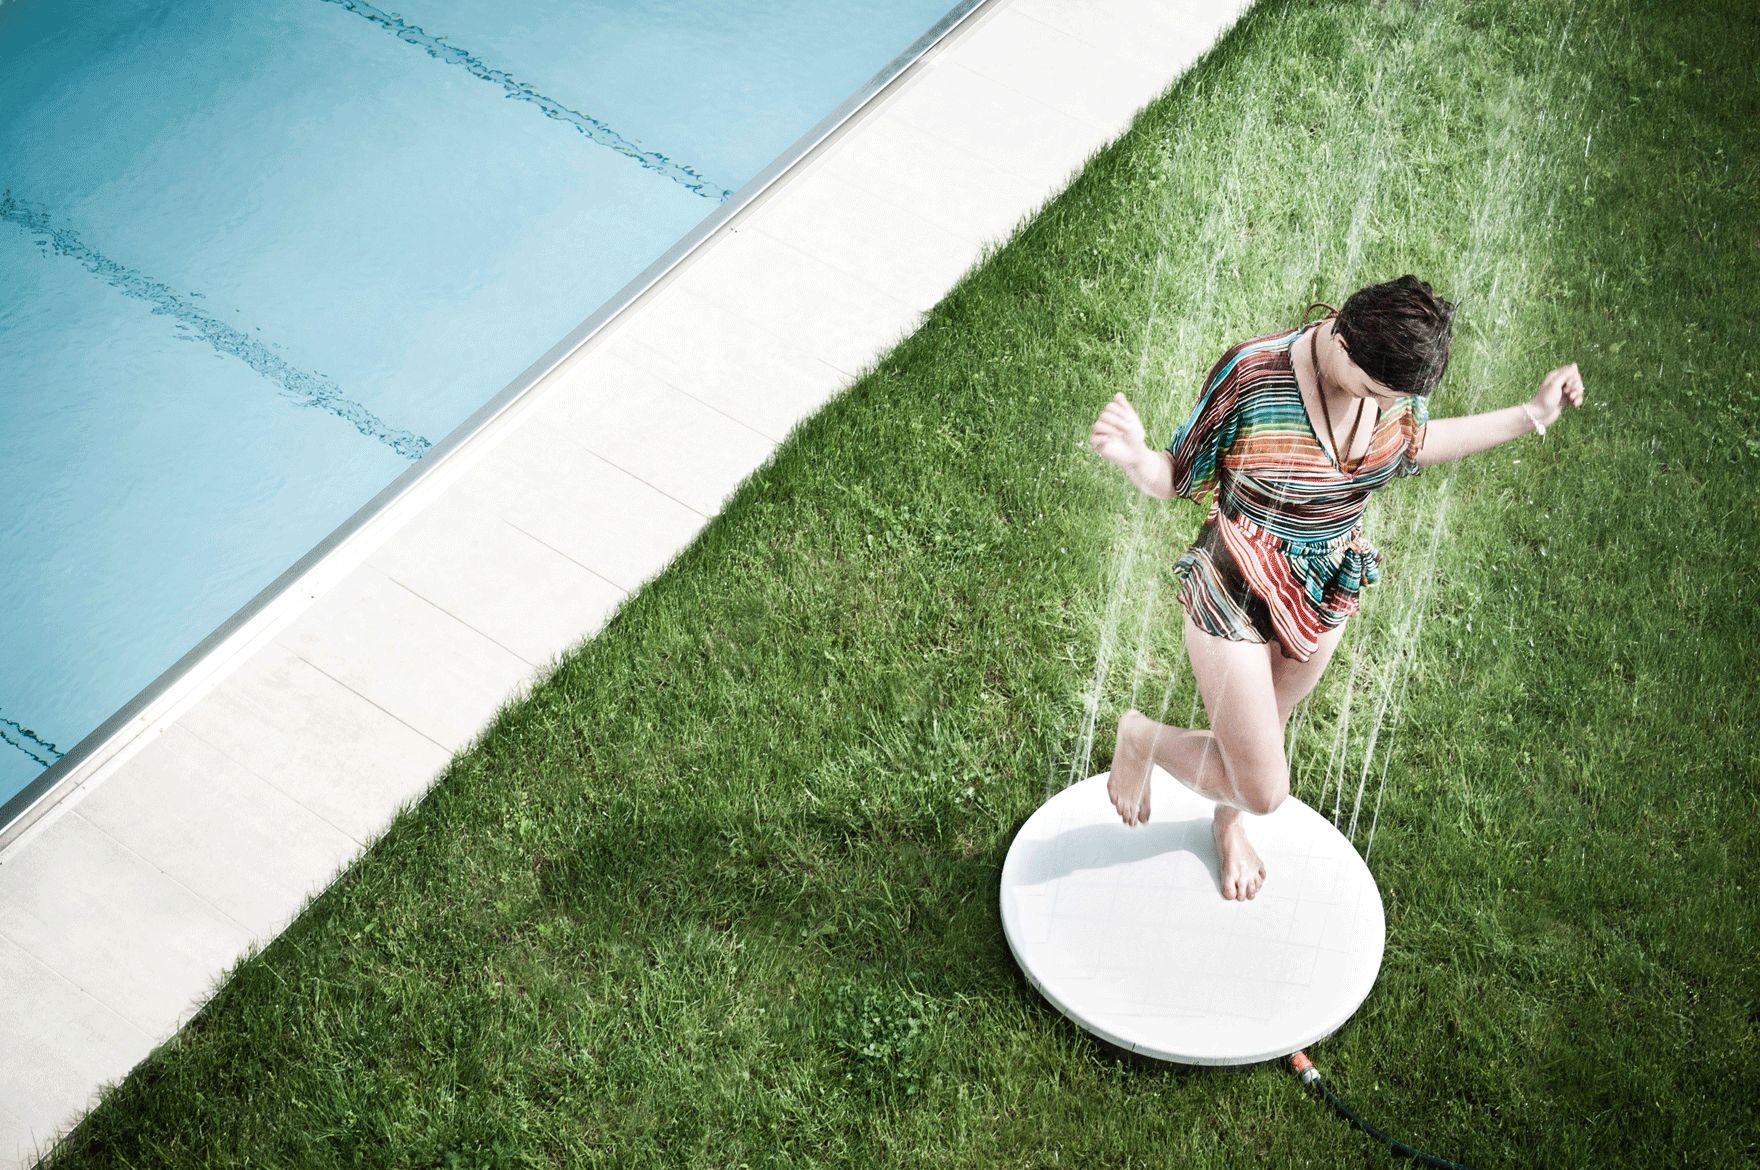 Переносной дачный душ: ассортимент, правила использования, ключевые характеристики (20 фото)